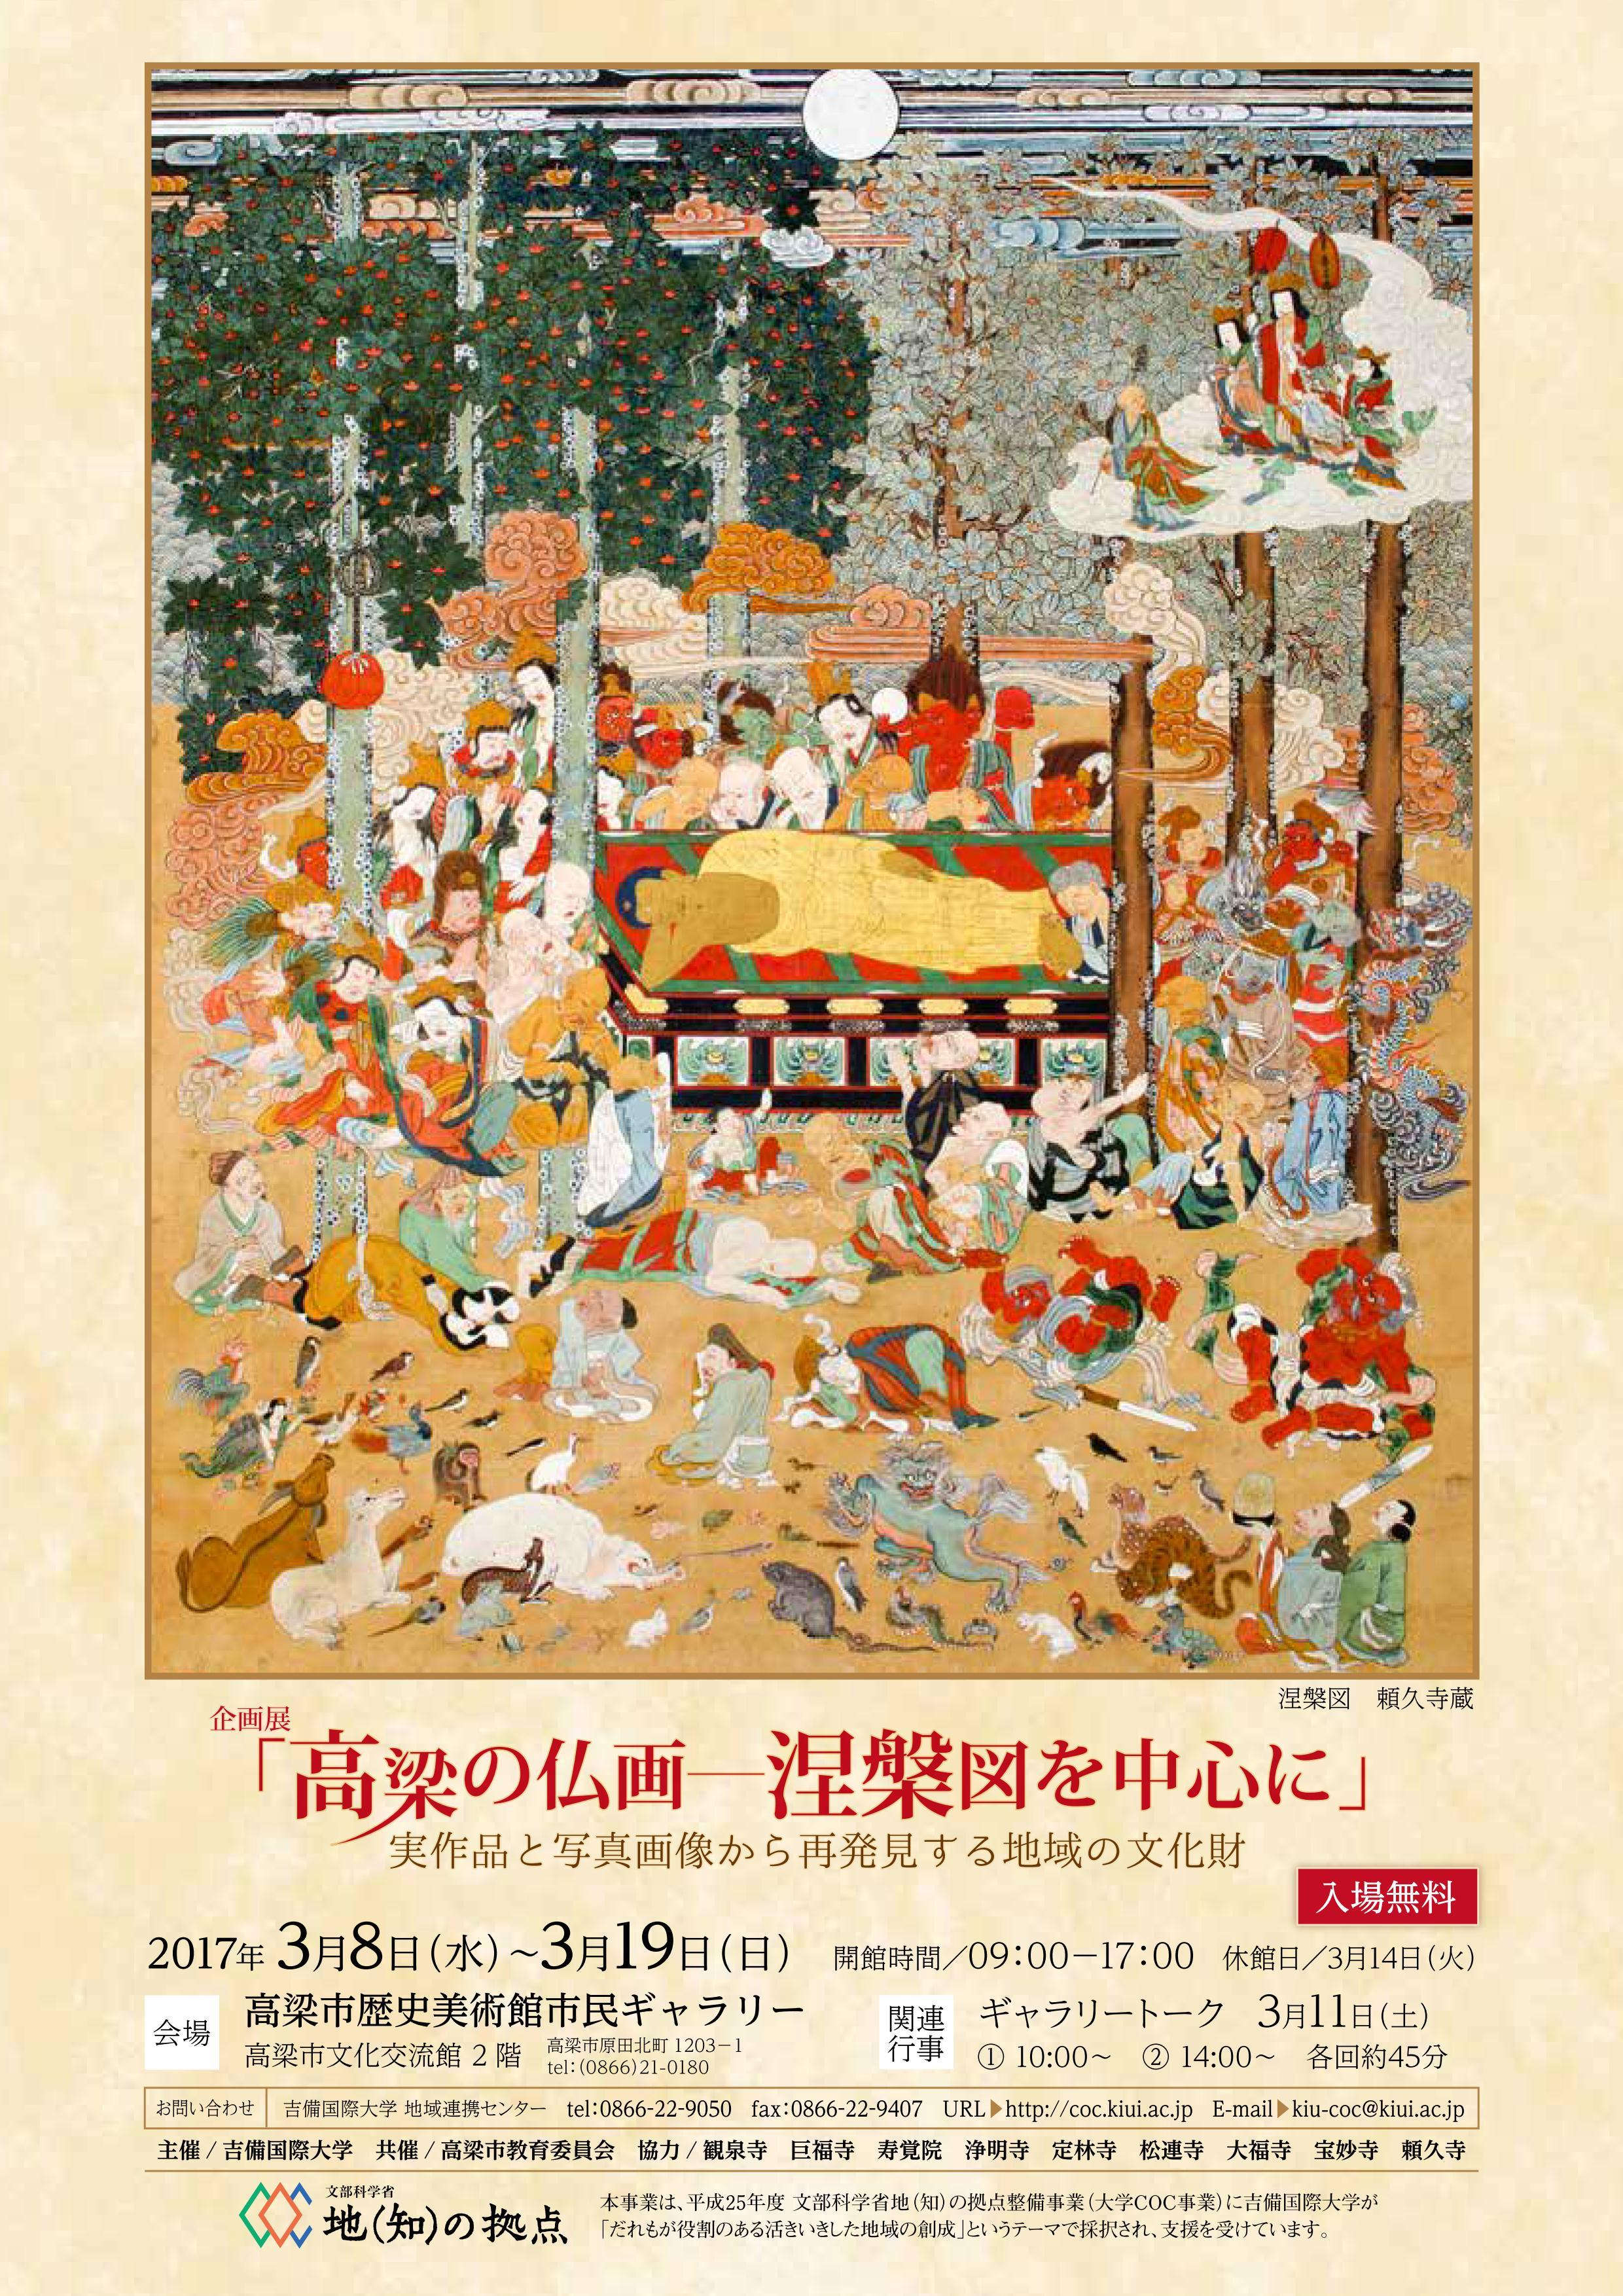 企画展「高梁市の仏画ー涅槃図を中心に」を開催します